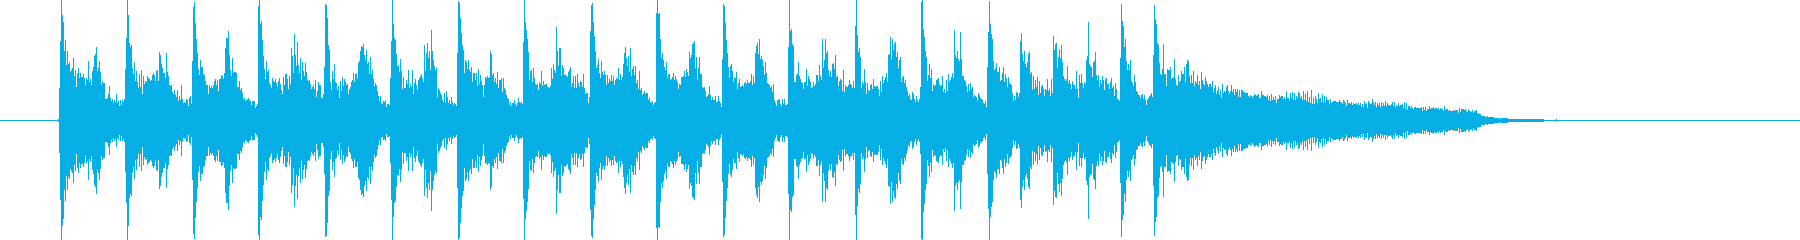 ストリングスが特徴のポップなジングル曲の再生済みの波形